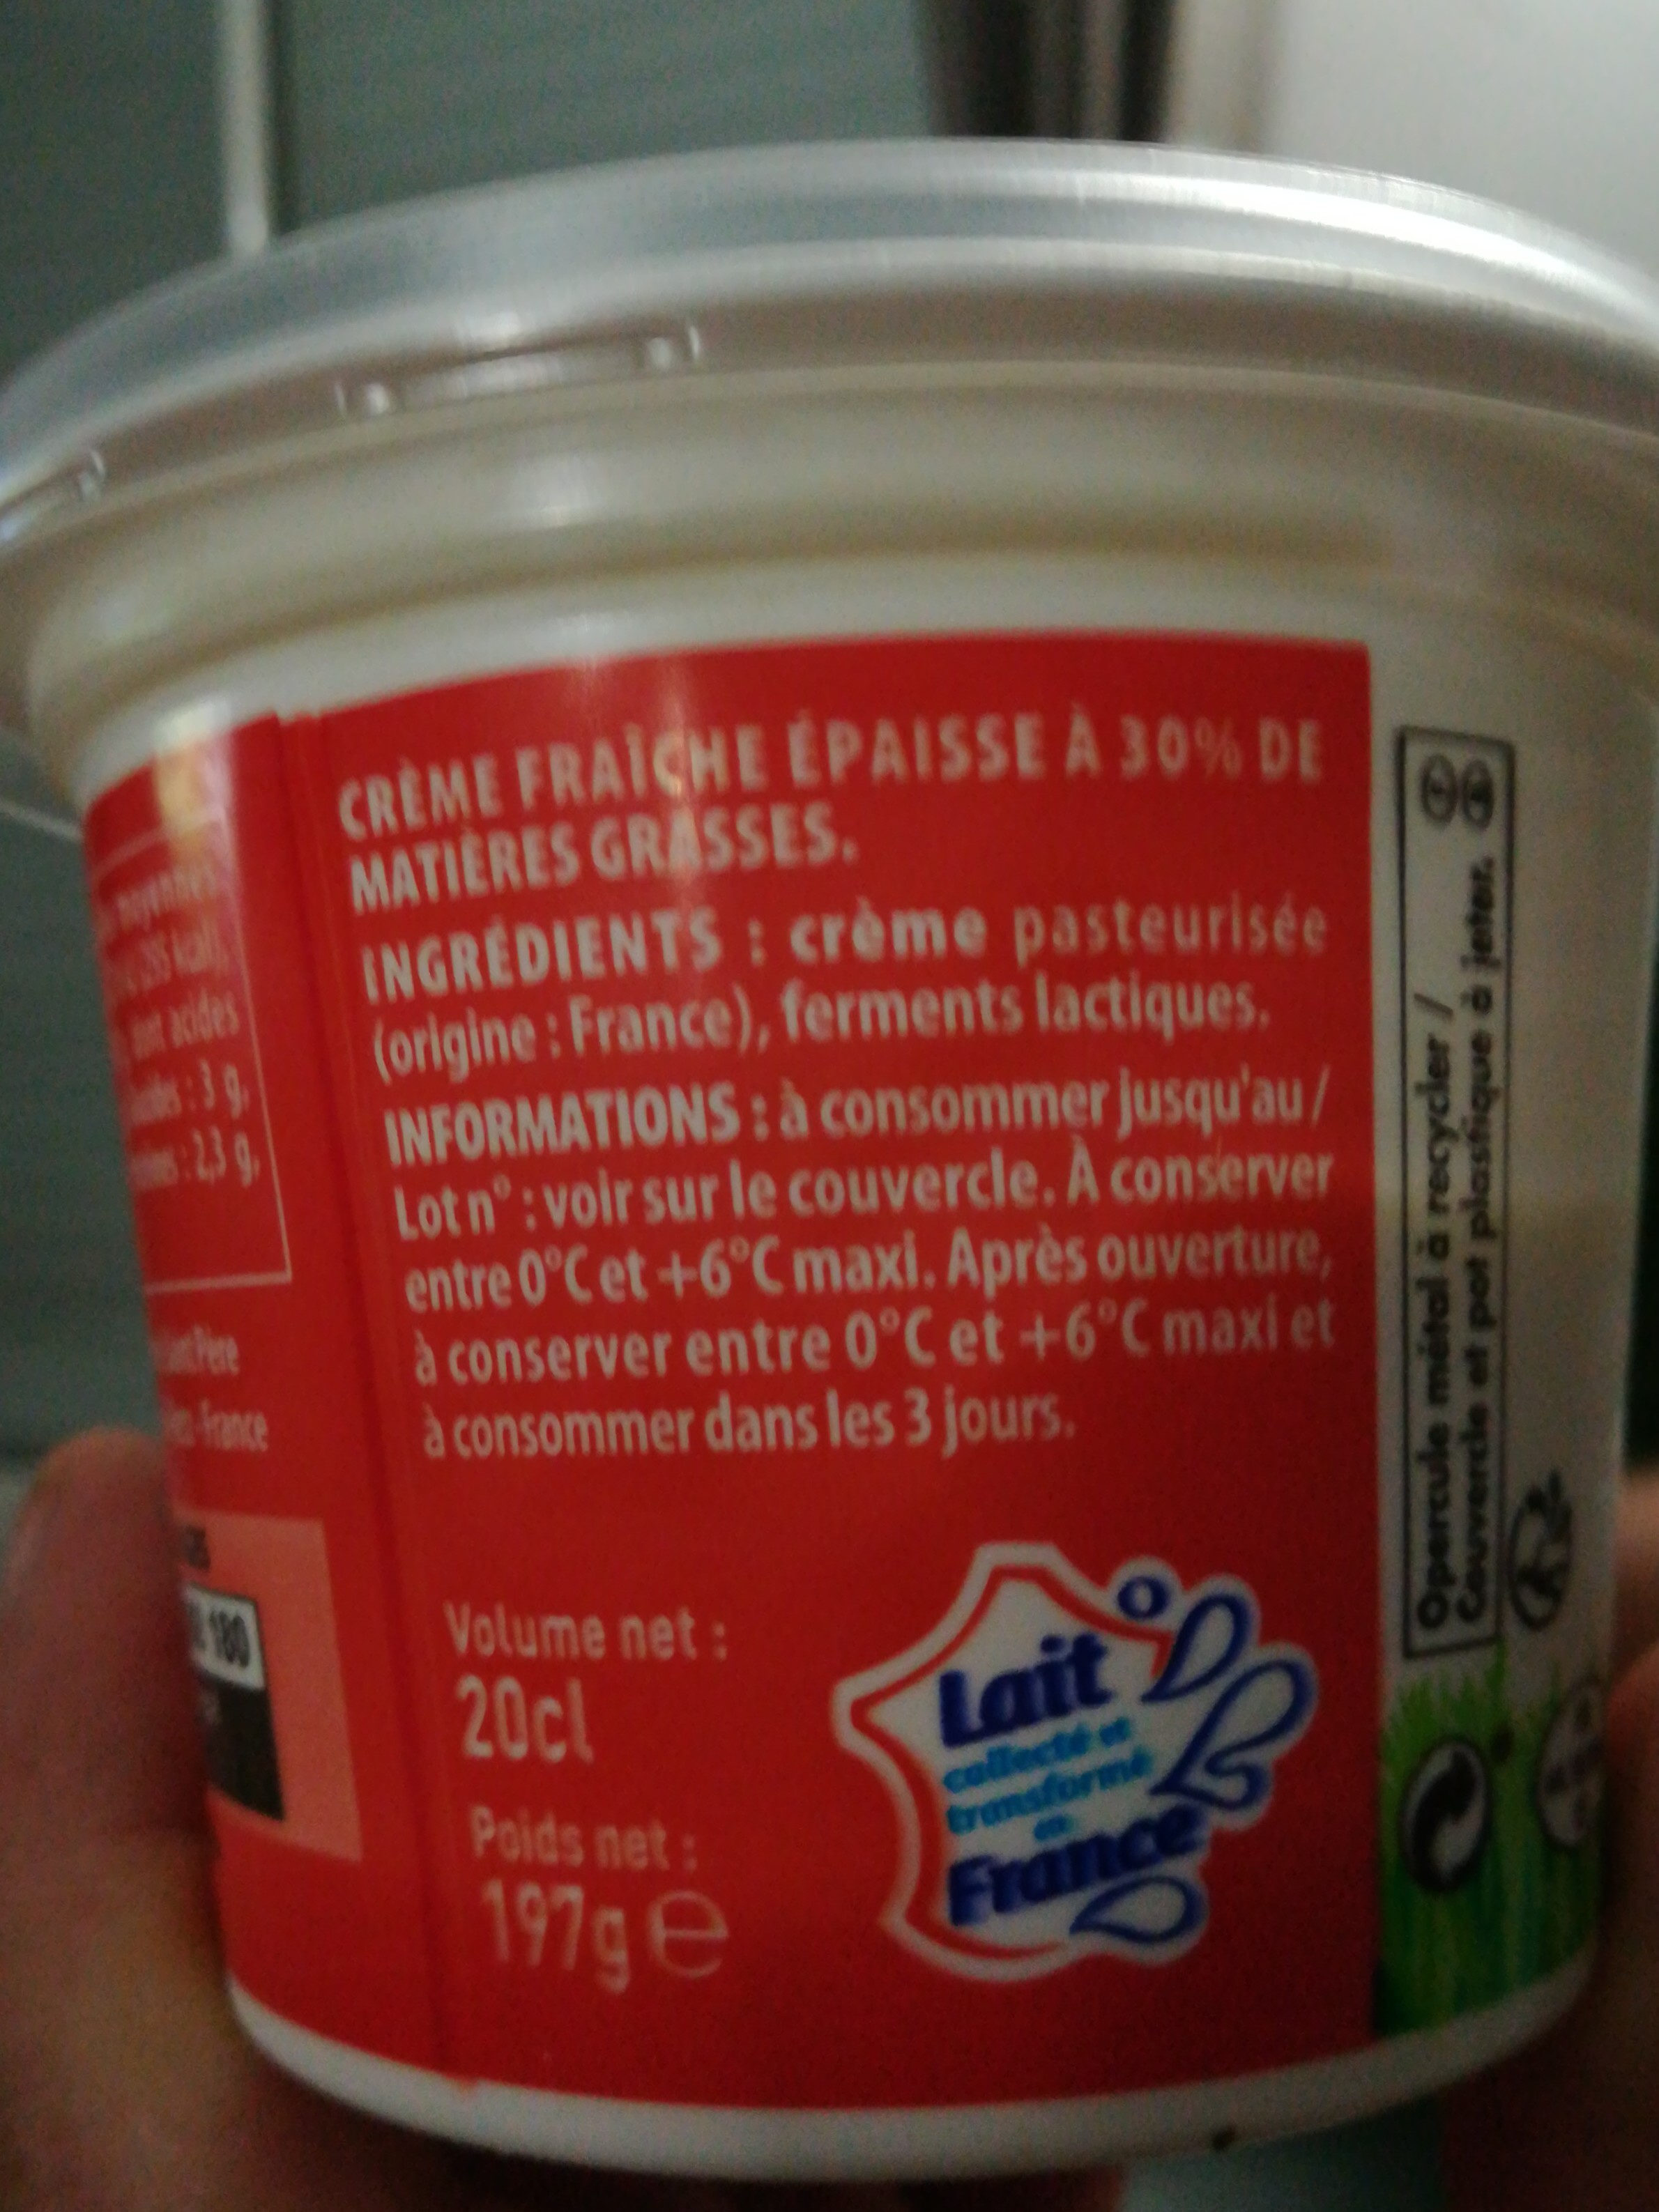 Crème fraîche épaisse entière 30% - Voedingswaarden - fr